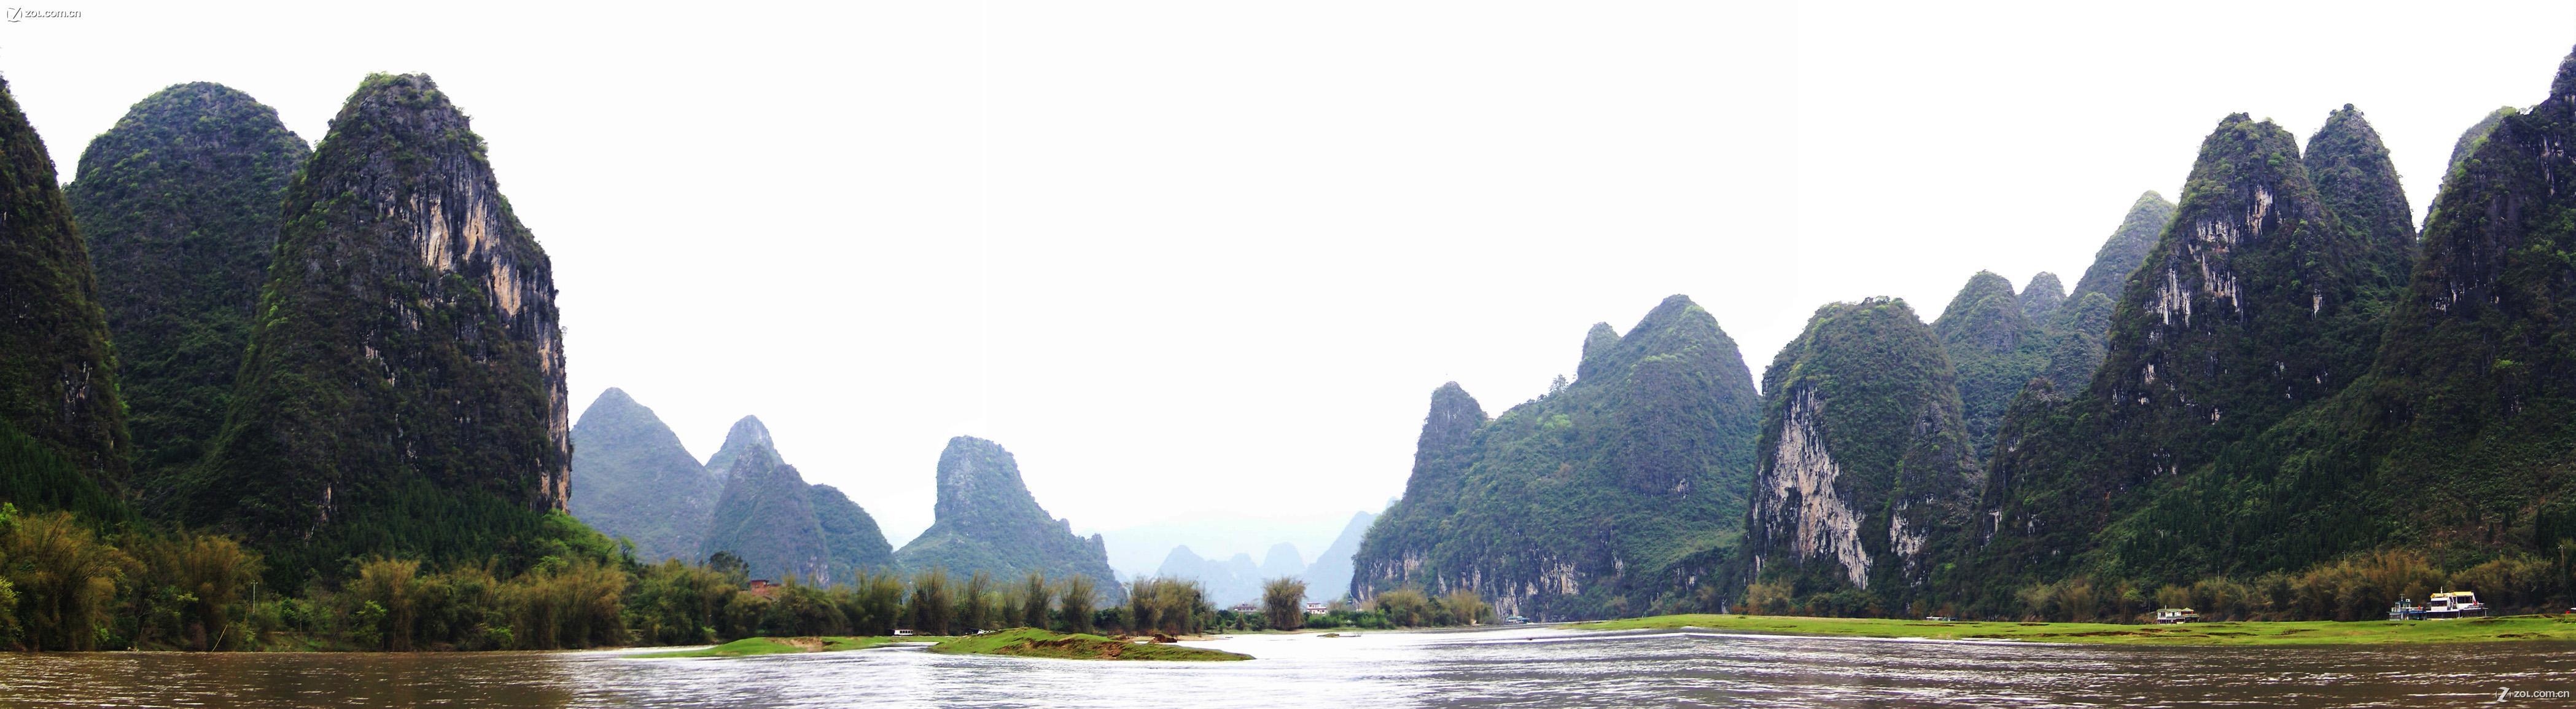 【桂林山水-全景】-自然风景论坛-zol中关村在线